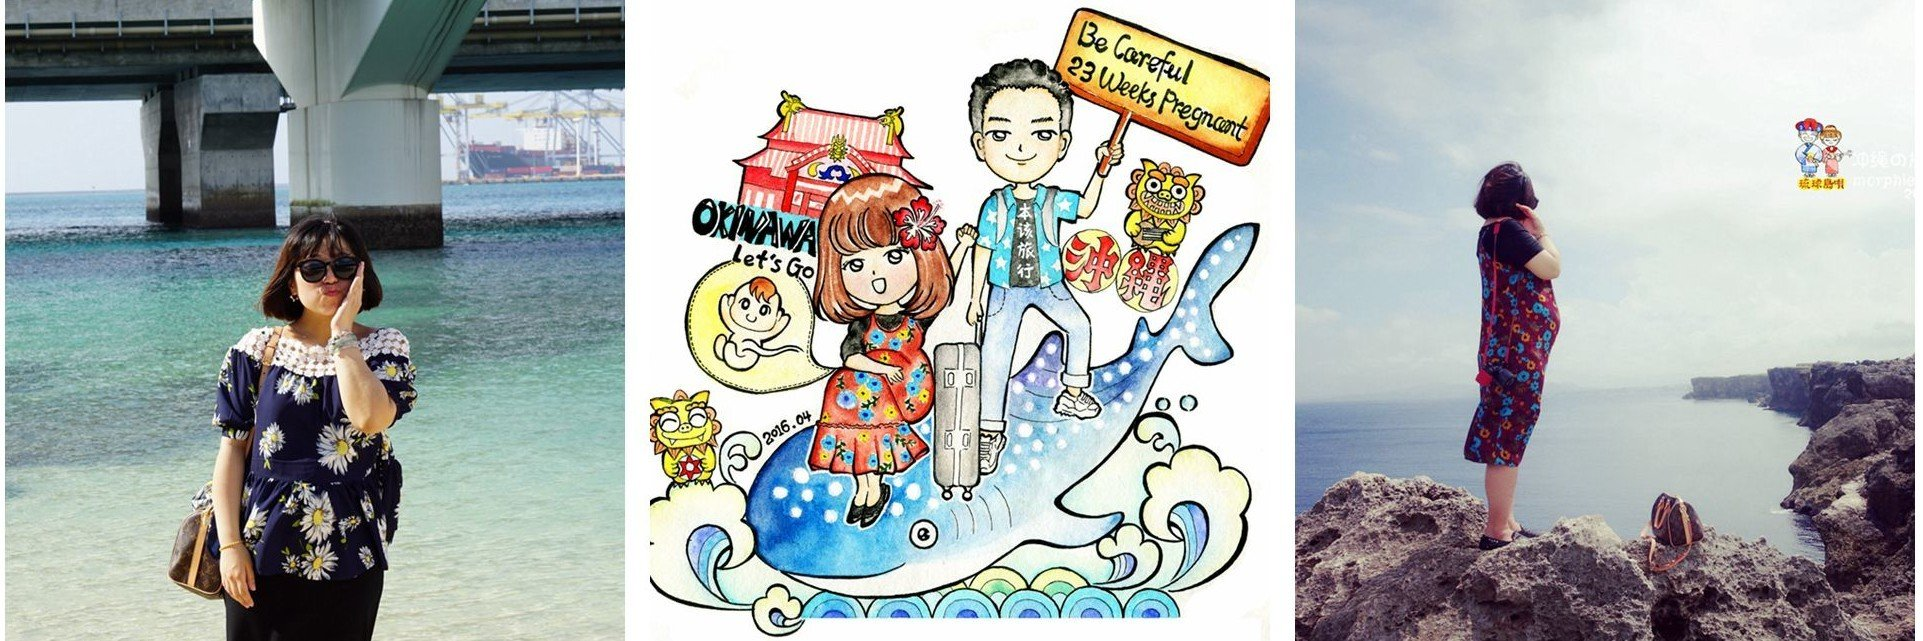 小孕妇的冲绳之行,带着肚子里的宝宝去看海